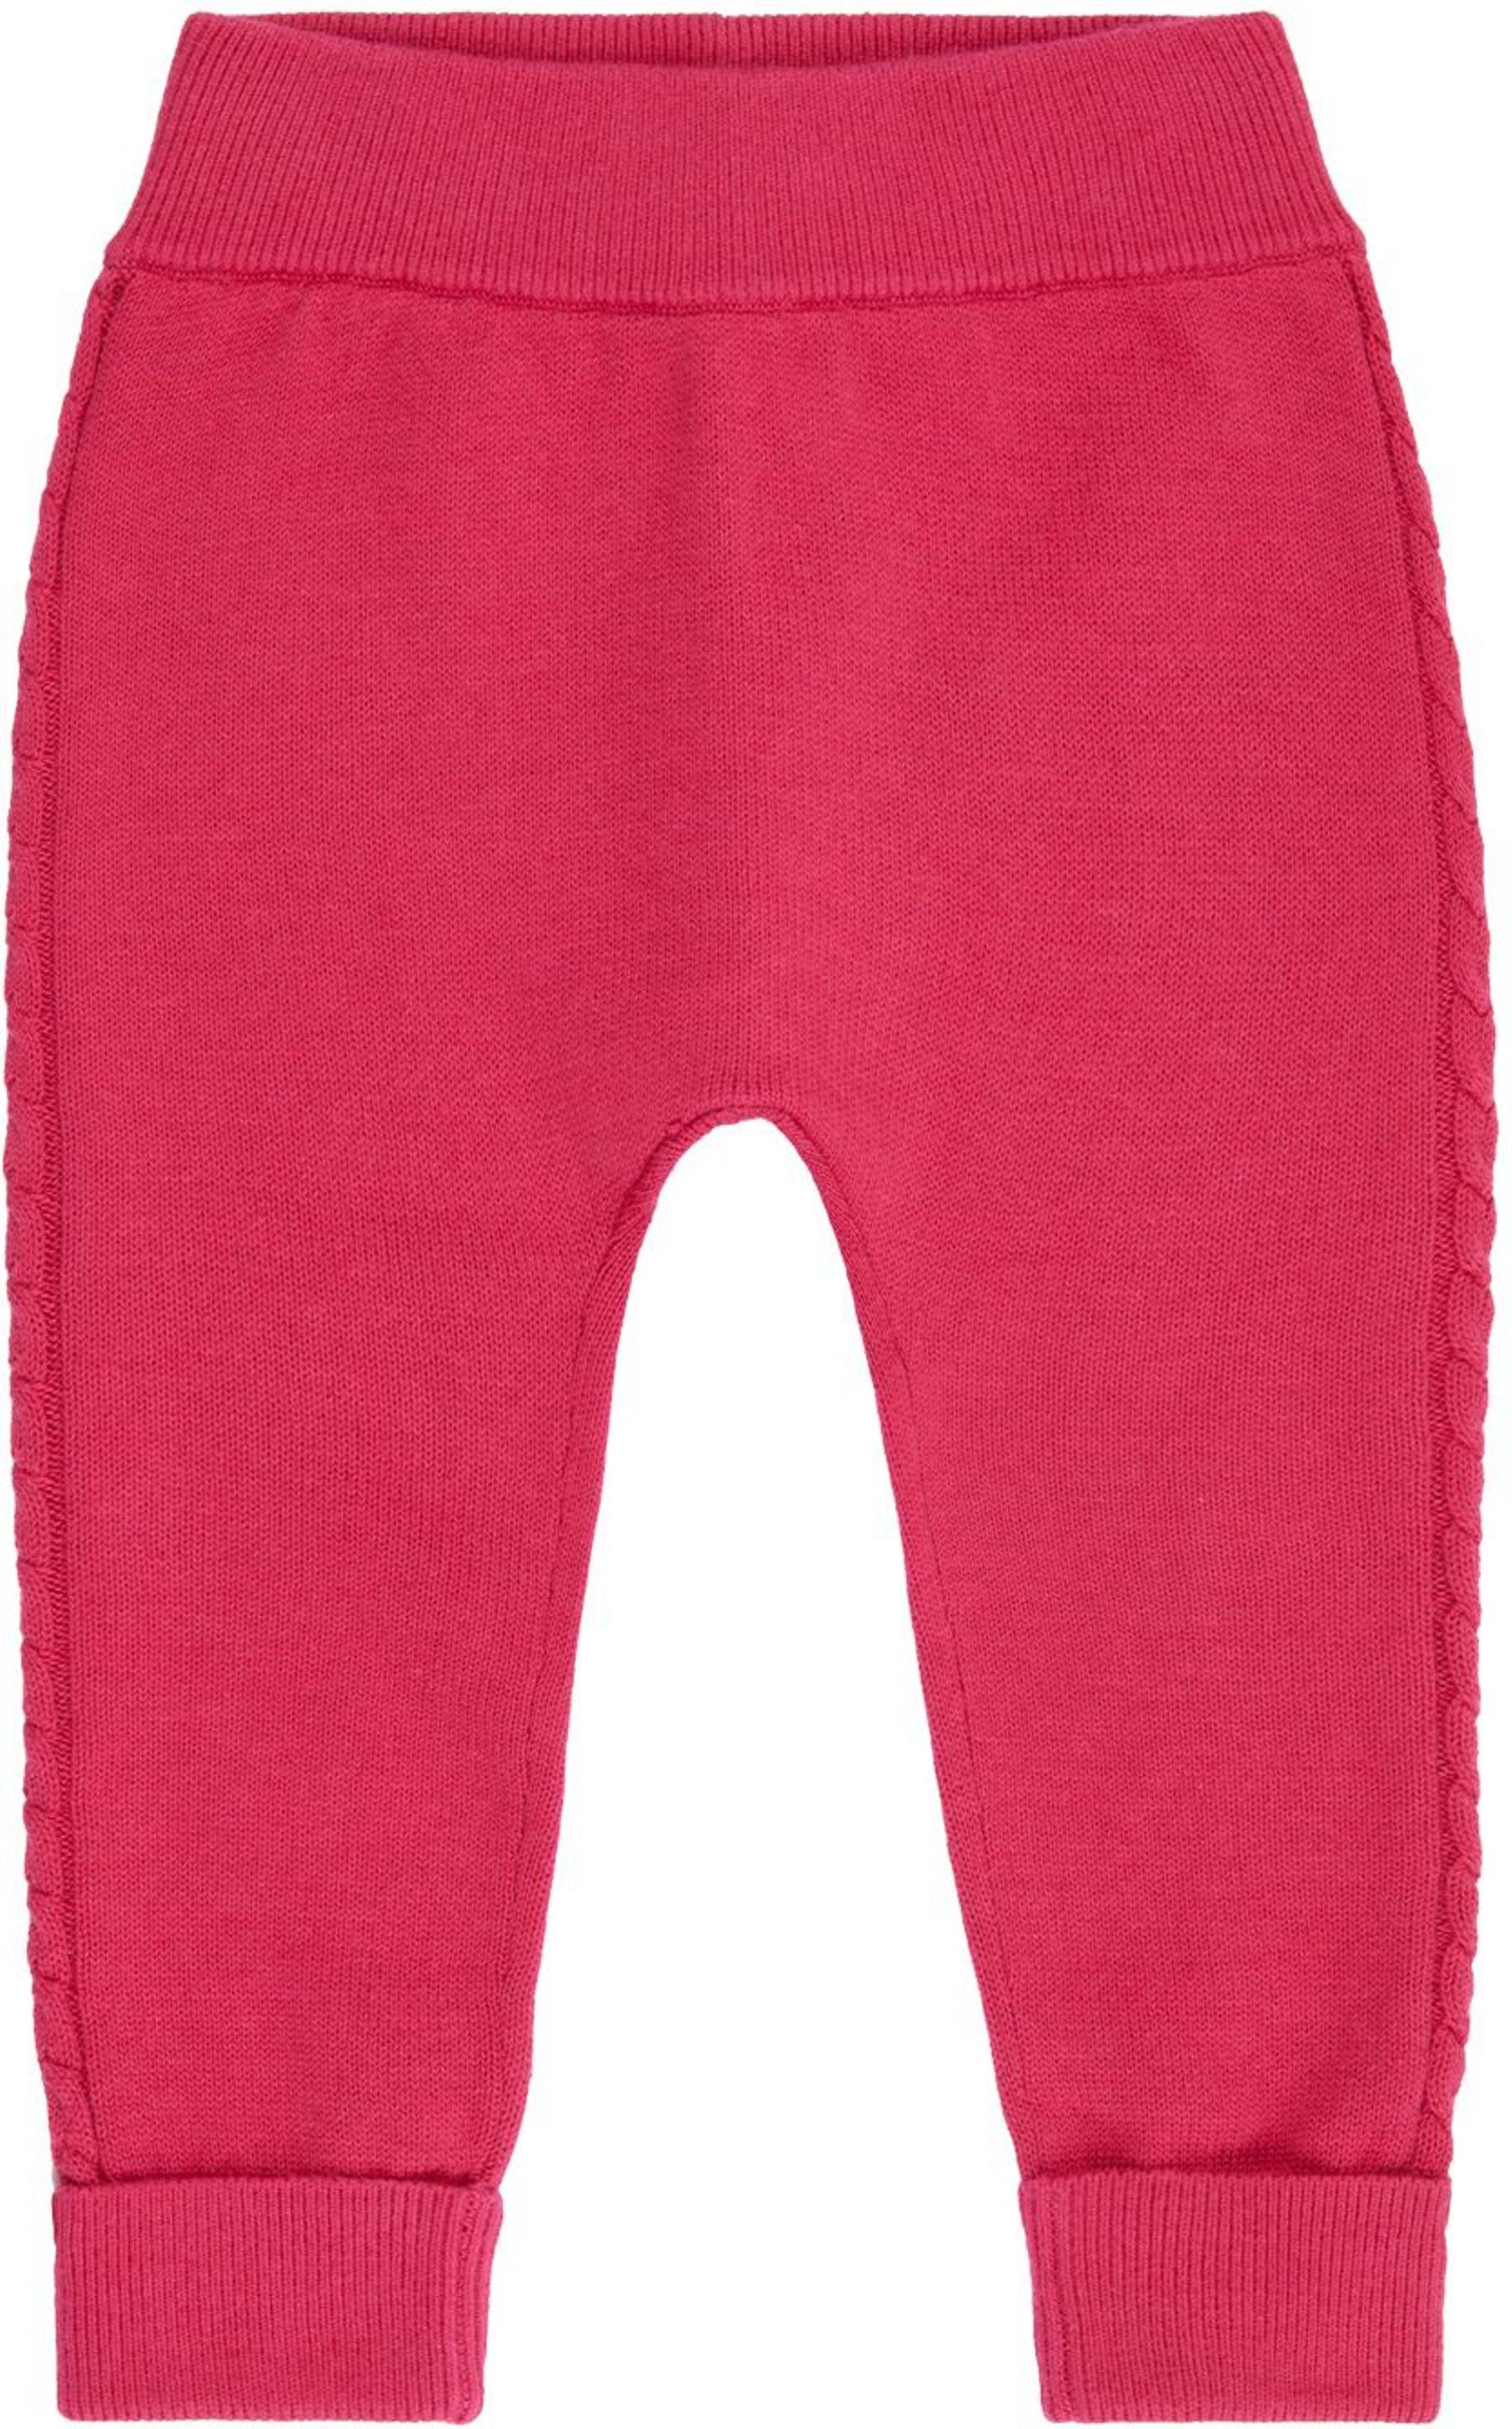 Sense Organic PABLO Baby Knitted Leggings pink